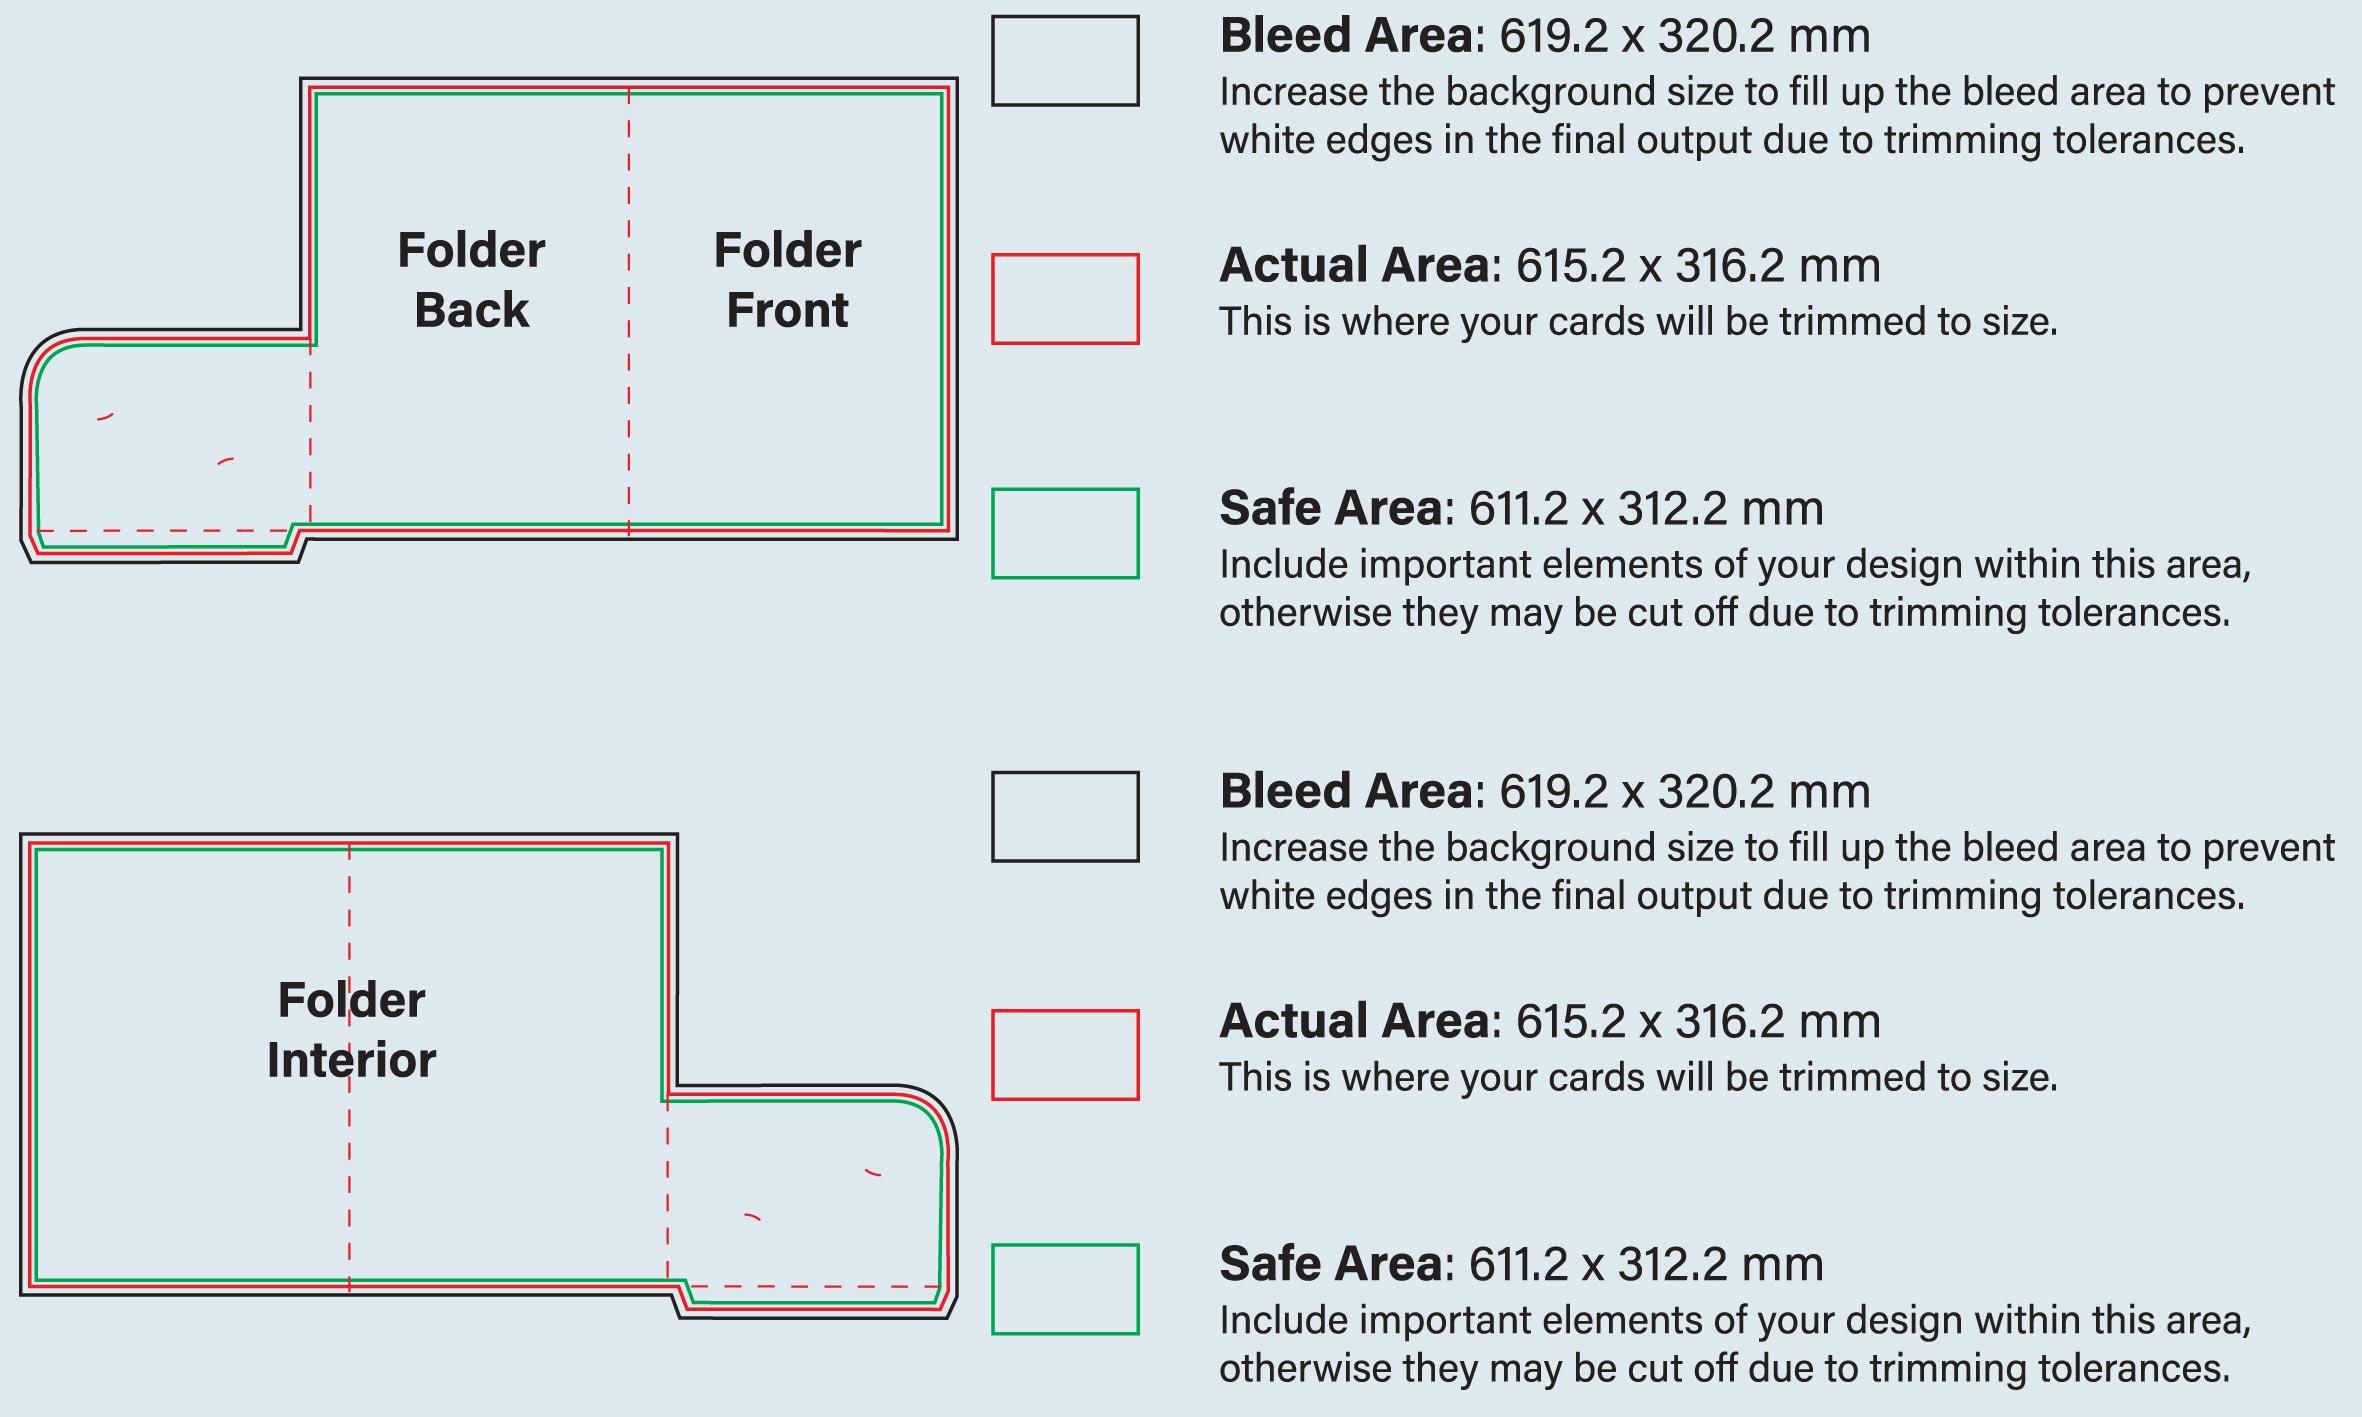 Corporate Folder Design Guideline